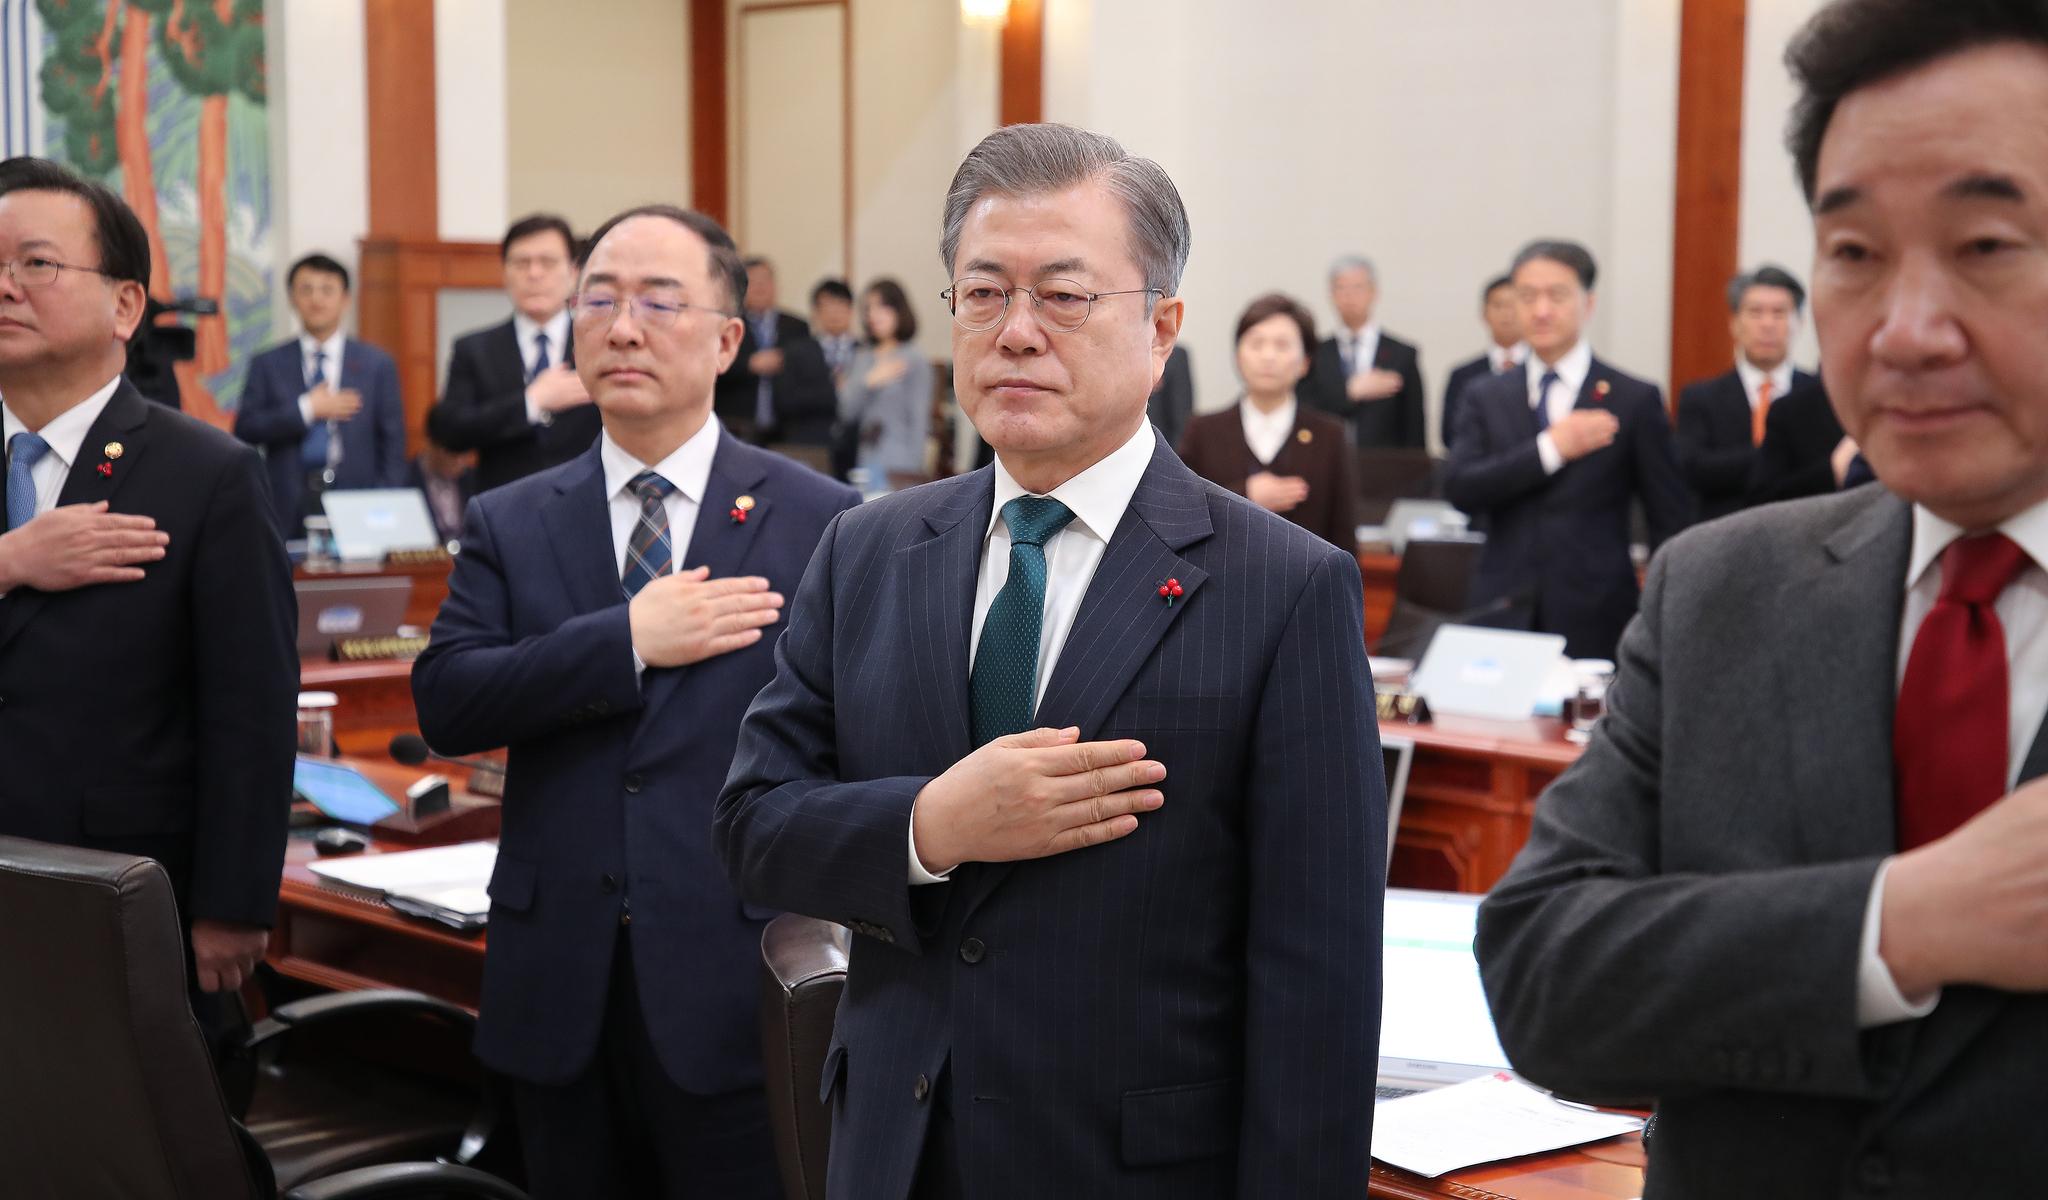 문재인 대통령이 22일 오전 청와대에서 열린 국무회의에서 참석자들과 국기에 경례하고 있다. [연합뉴스]